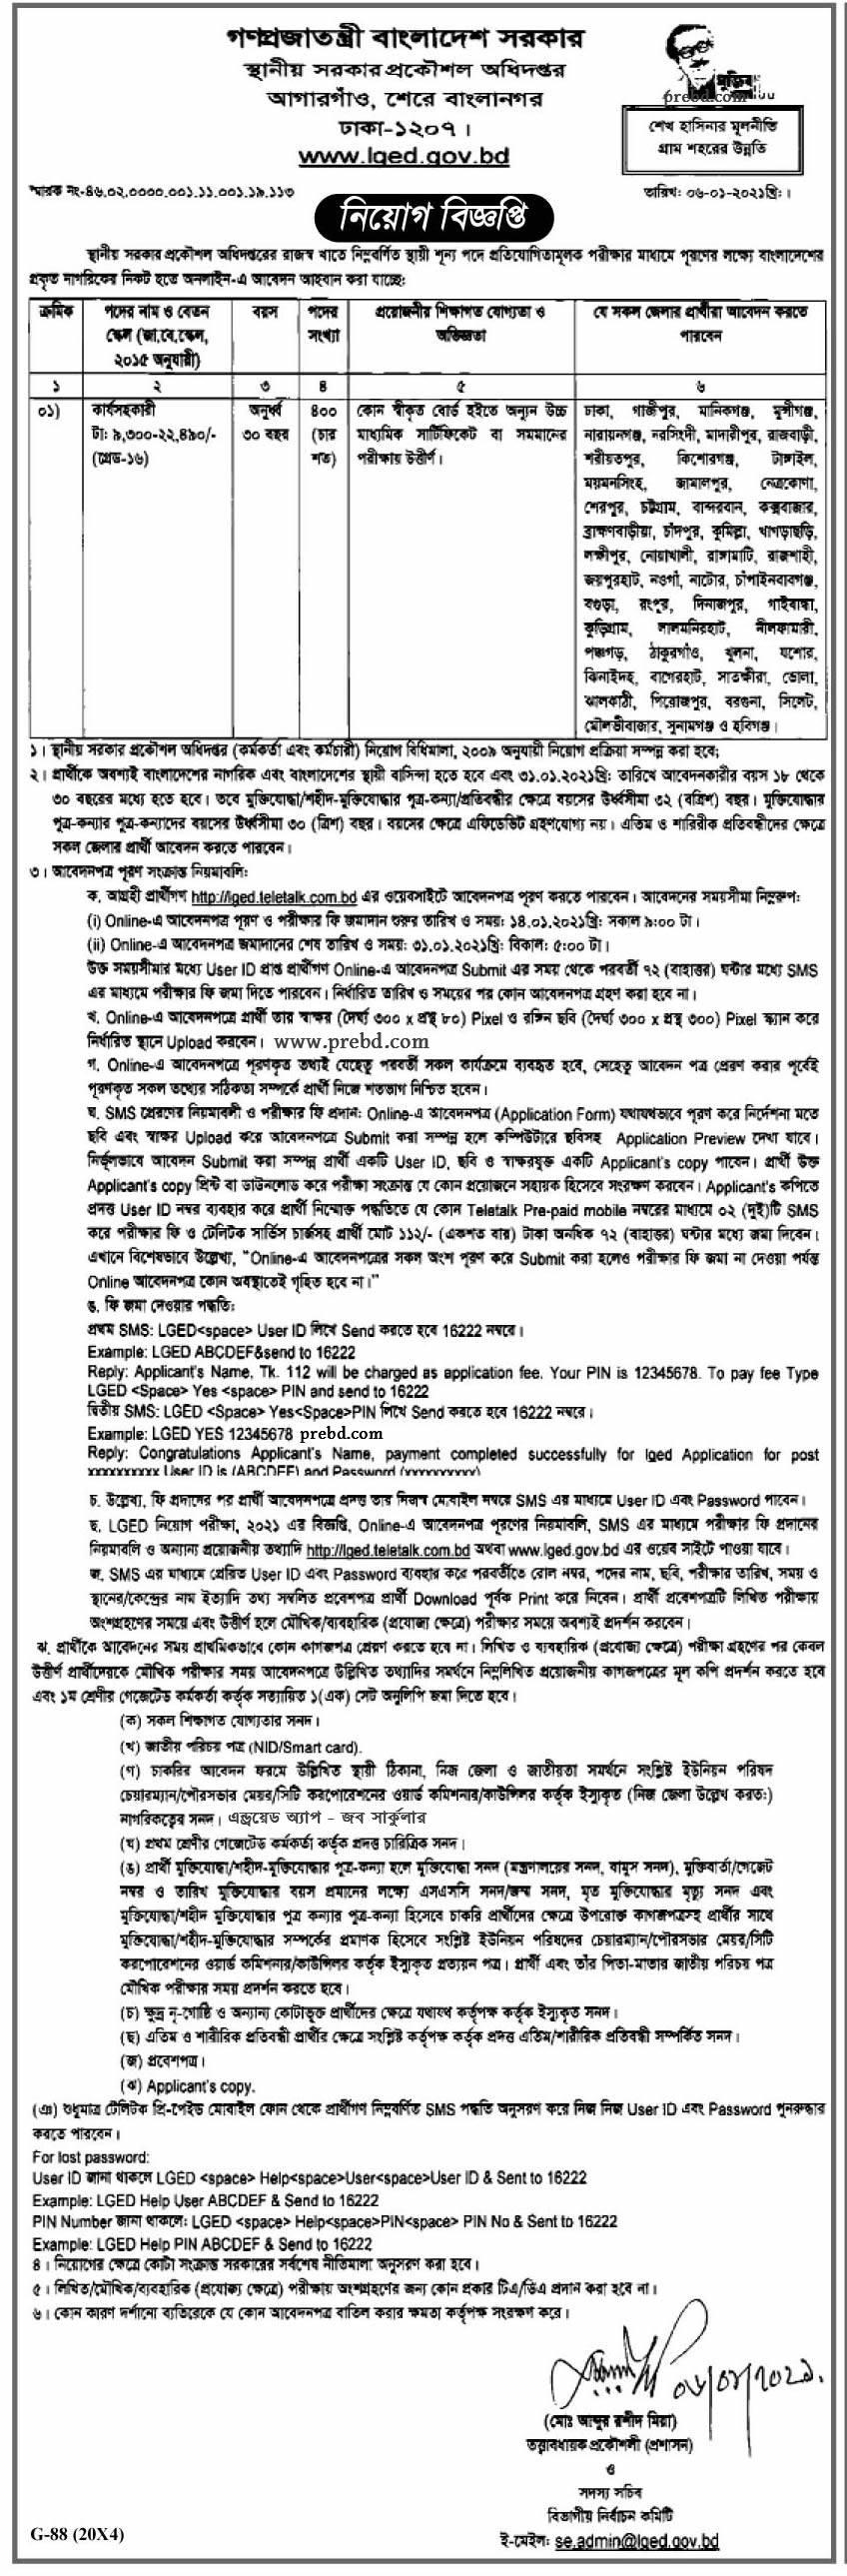 ৪০০ পদে স্থানীয় সরকার প্রকৌশল অধিদপ্তর (LGED) এ নিয়োগ বিজ্ঞপ্তি ২০২১ | www.lged.gov.bd Job circular 2021